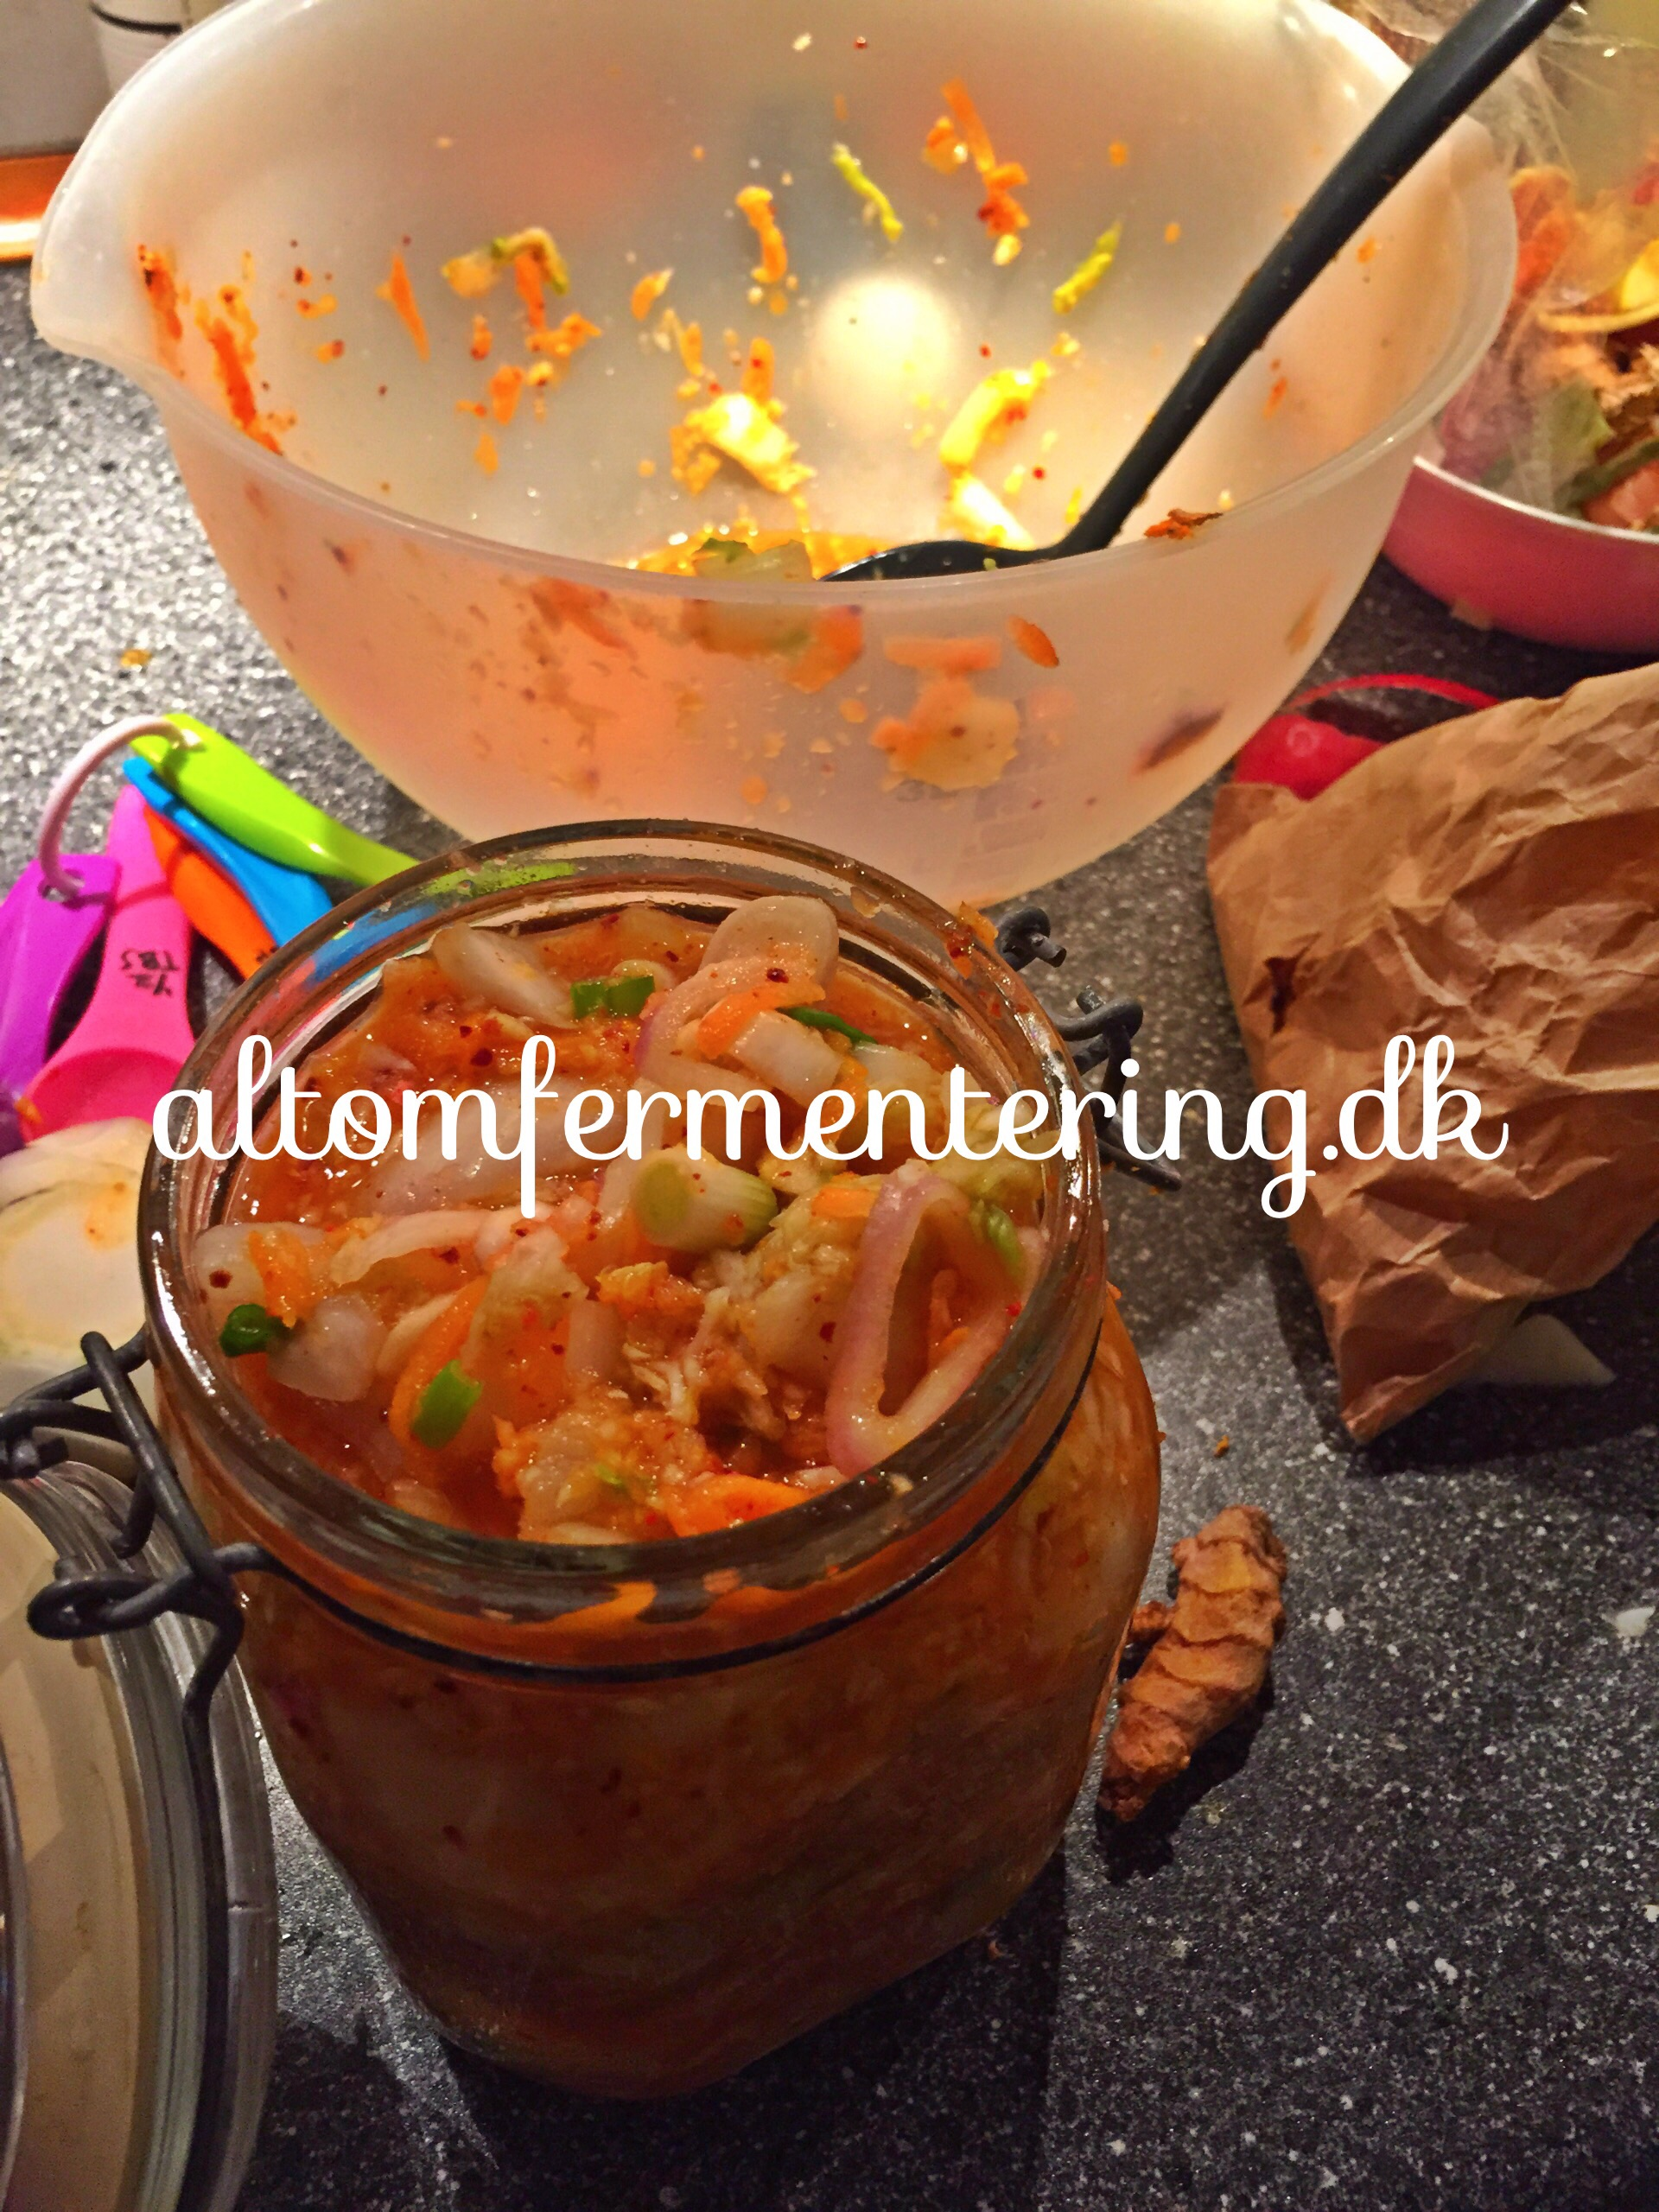 Kimchi på den nemme måde